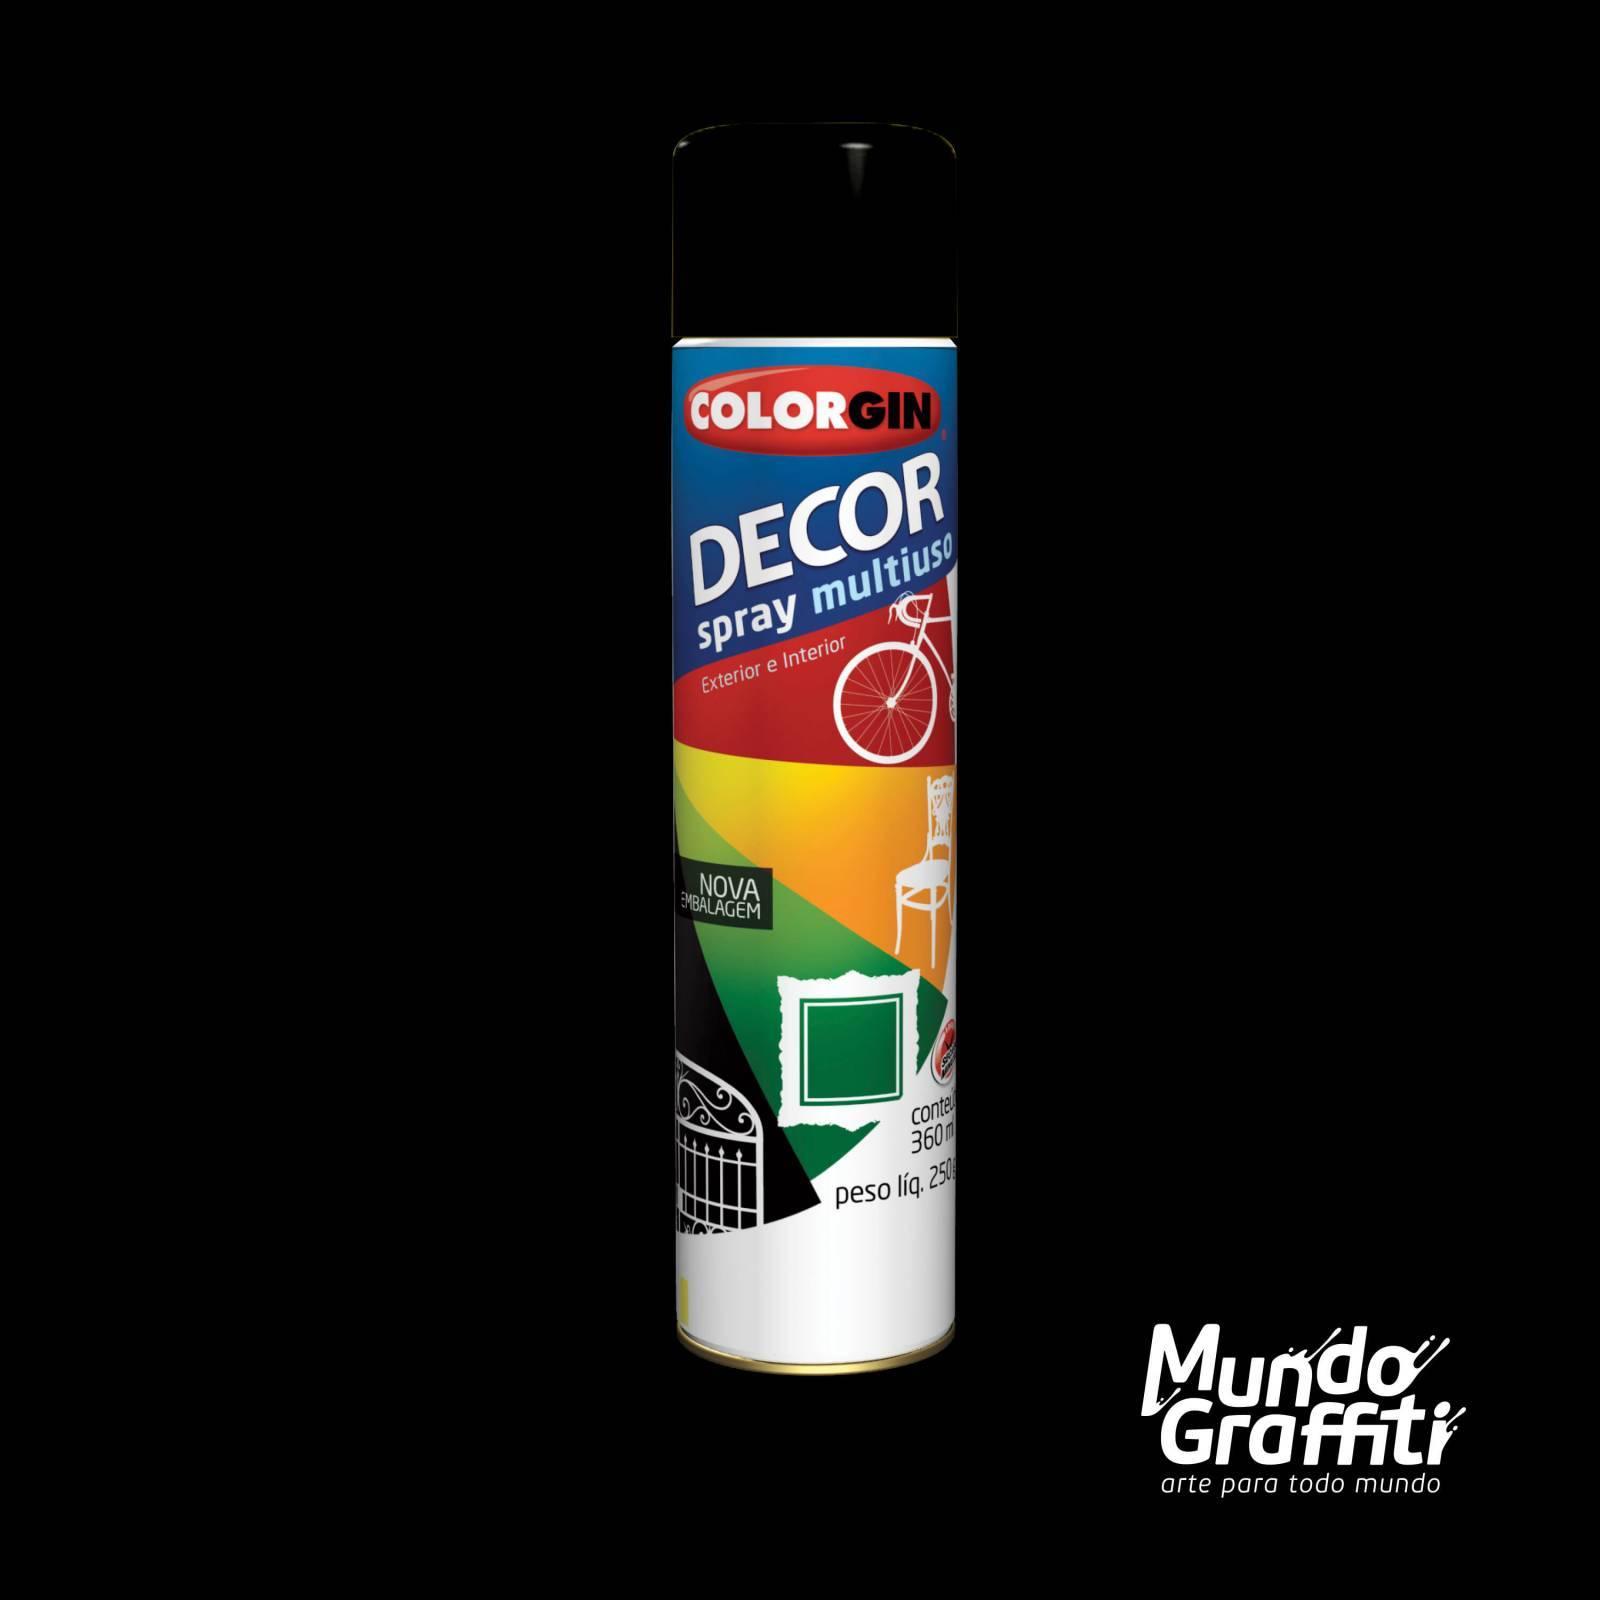 Tinta Spray Colorgin Decor 8711 Preto Fosco 360ml - Mundo Graffiti